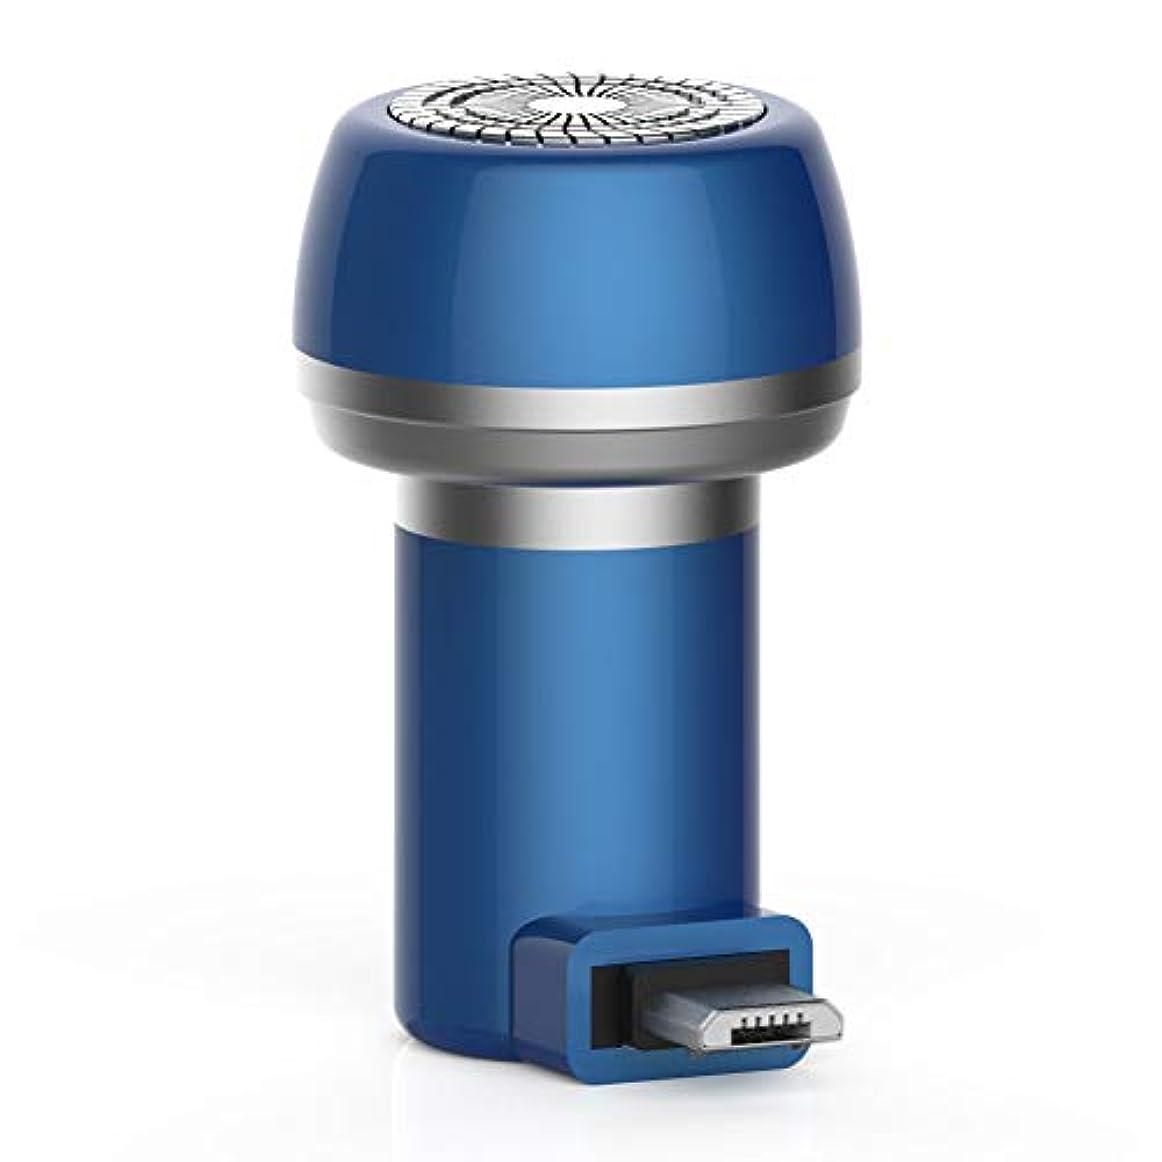 一般的にセーブ美徳Beaurtty 2 1磁気電気シェーバーミニポータブルType-C USB防水剃刀